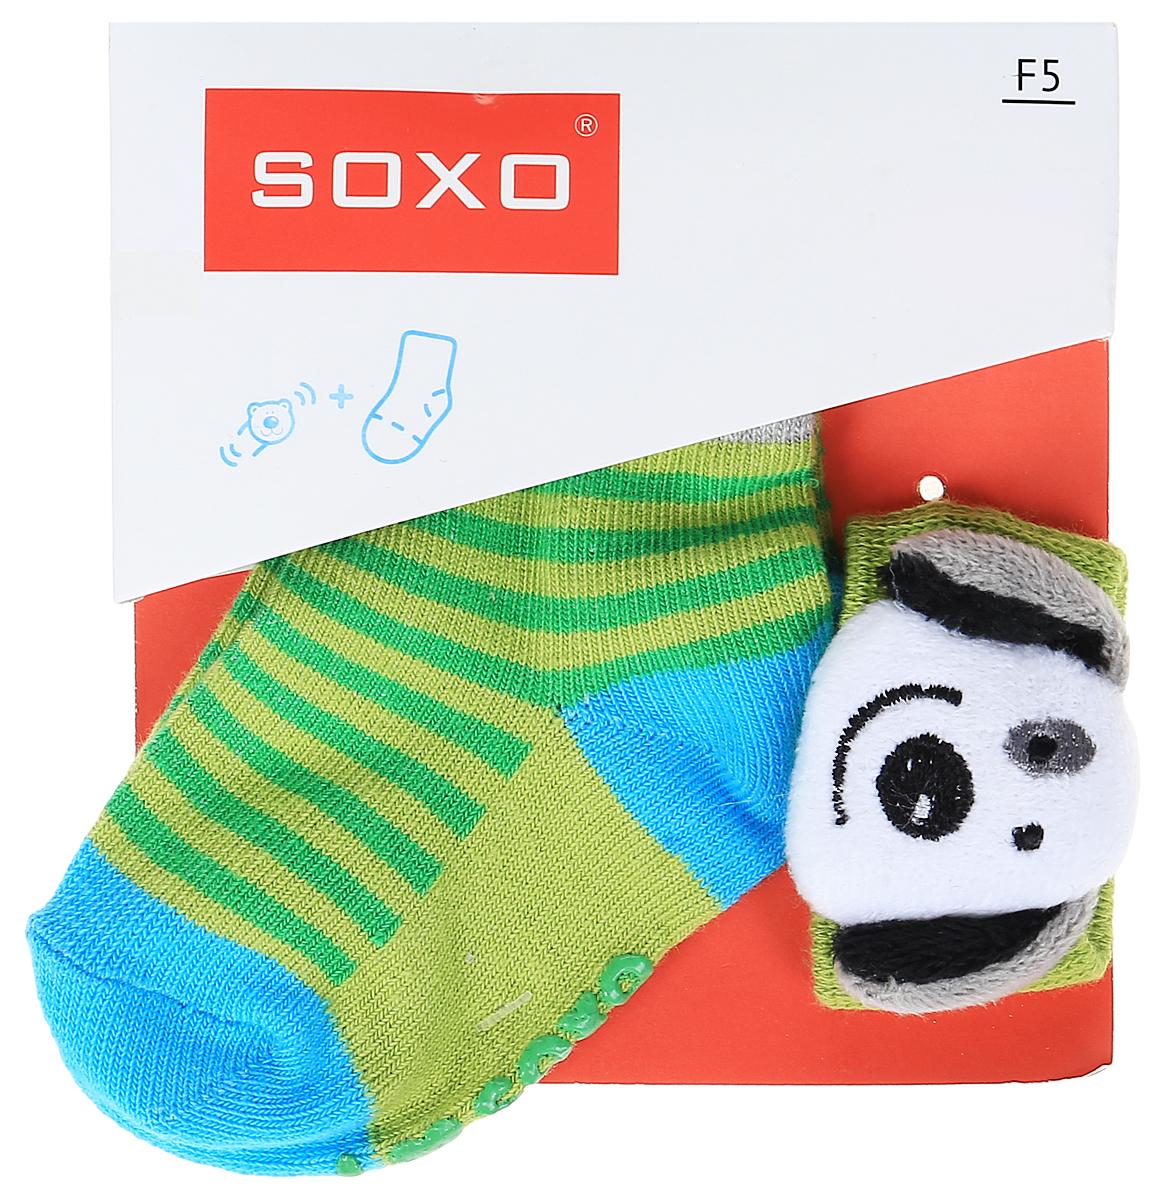 Комплект детский Soxo: носки и повязка на руку, цвет: зеленый, голубой. 68671_1. Размер 16/1868671_1